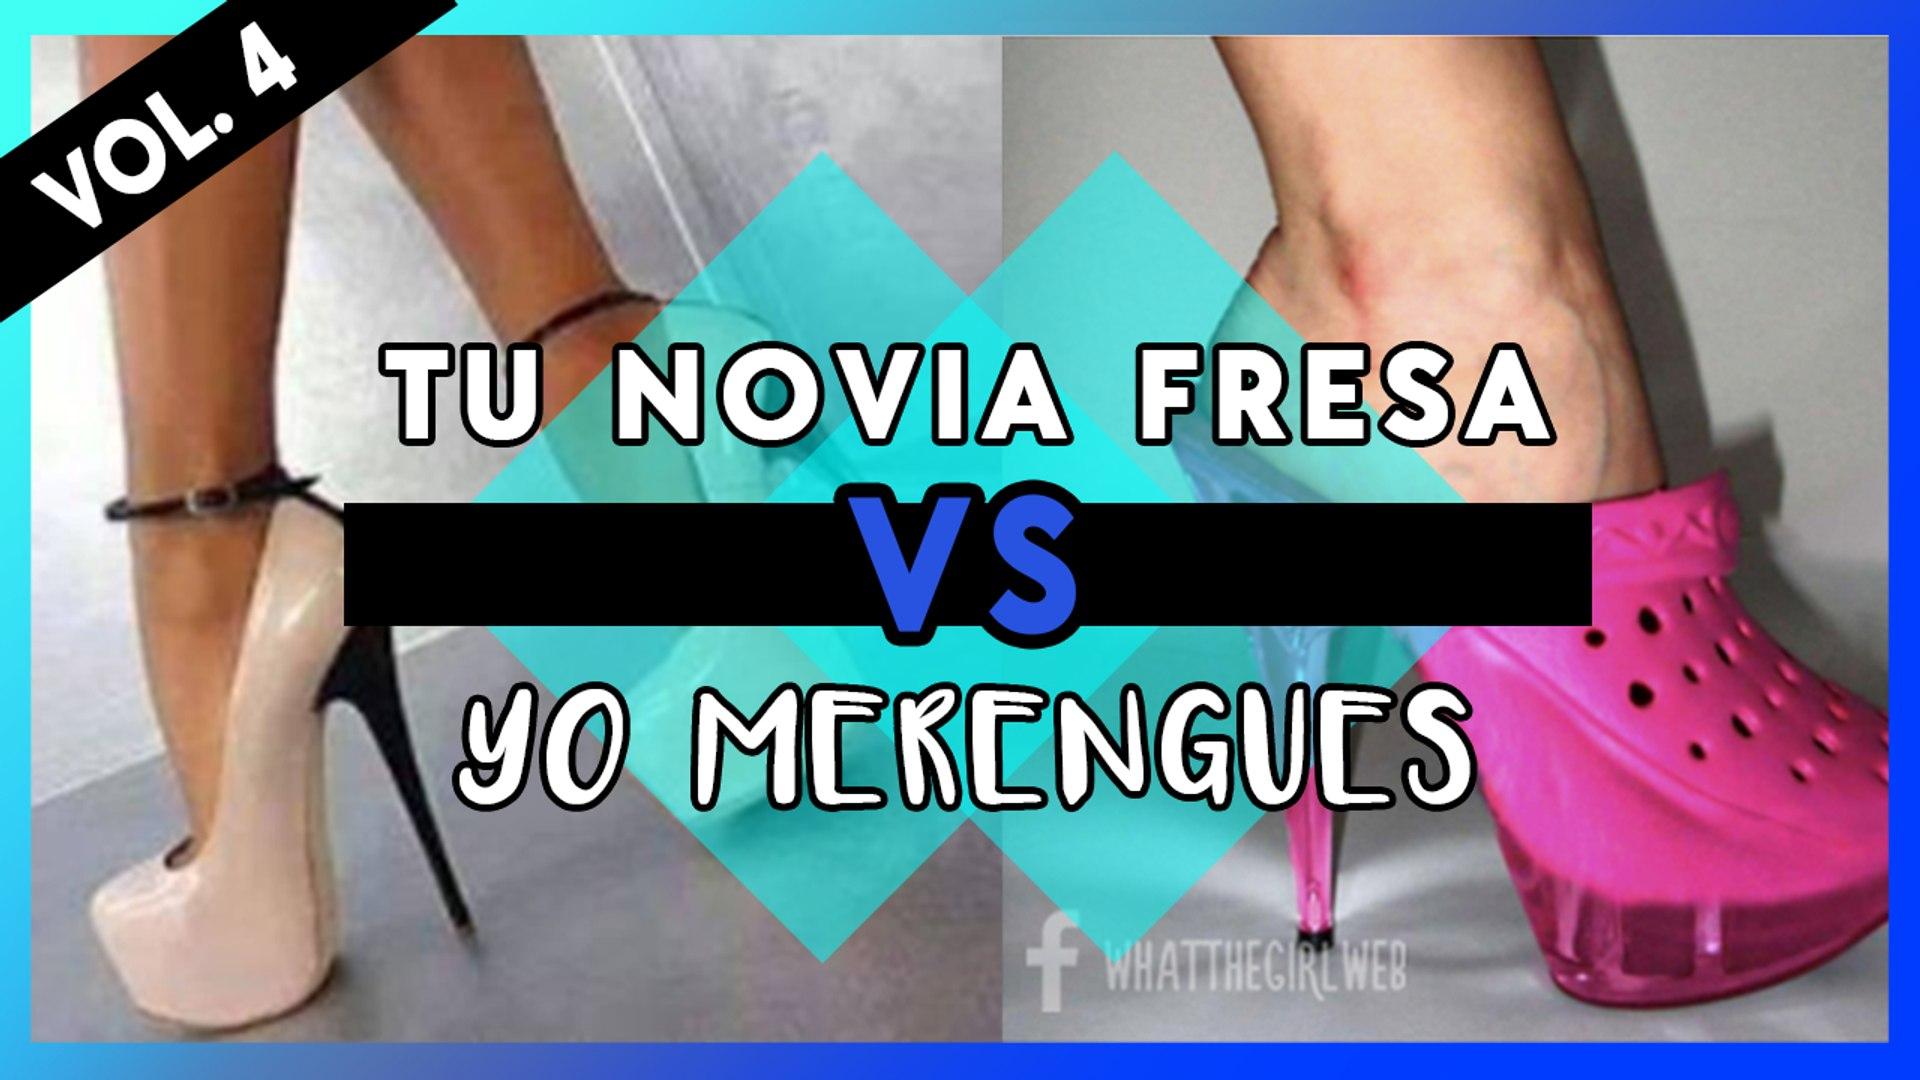 Tu novia fresa VS Yo merengues V3 - Vídeo Dailymotion